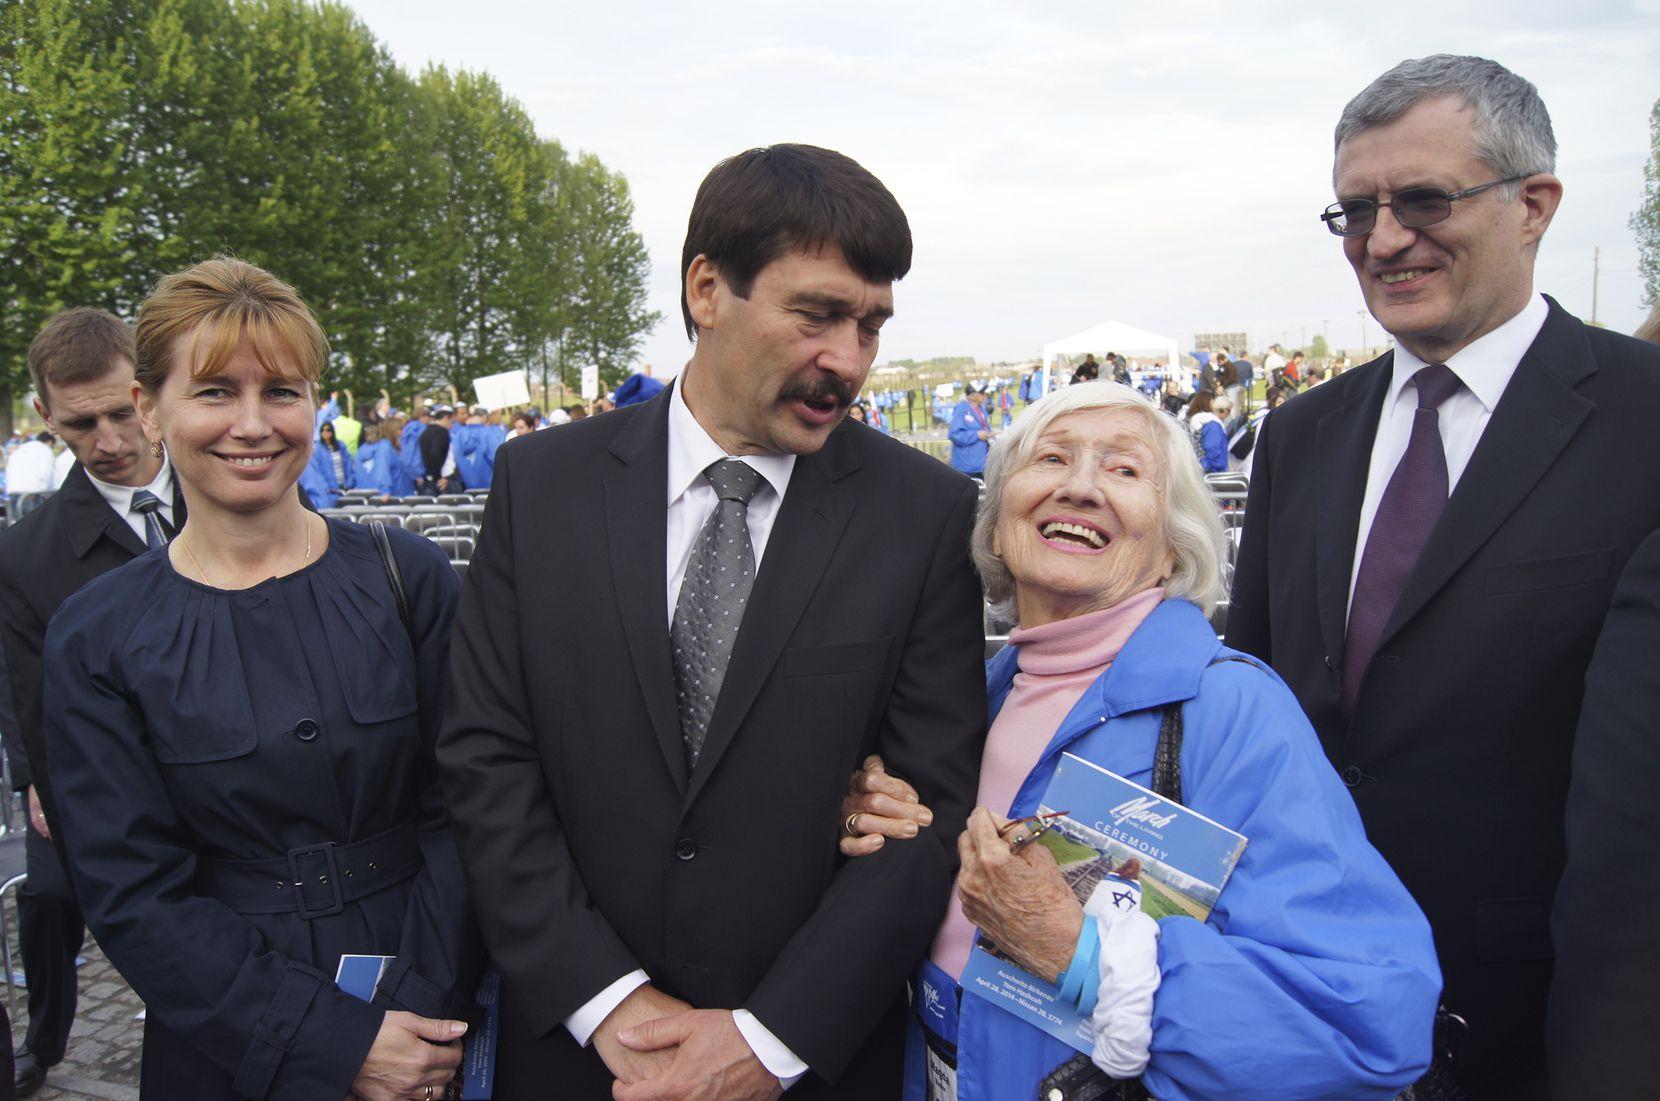 Magda Bader meets Hungarian President Janos Ader.